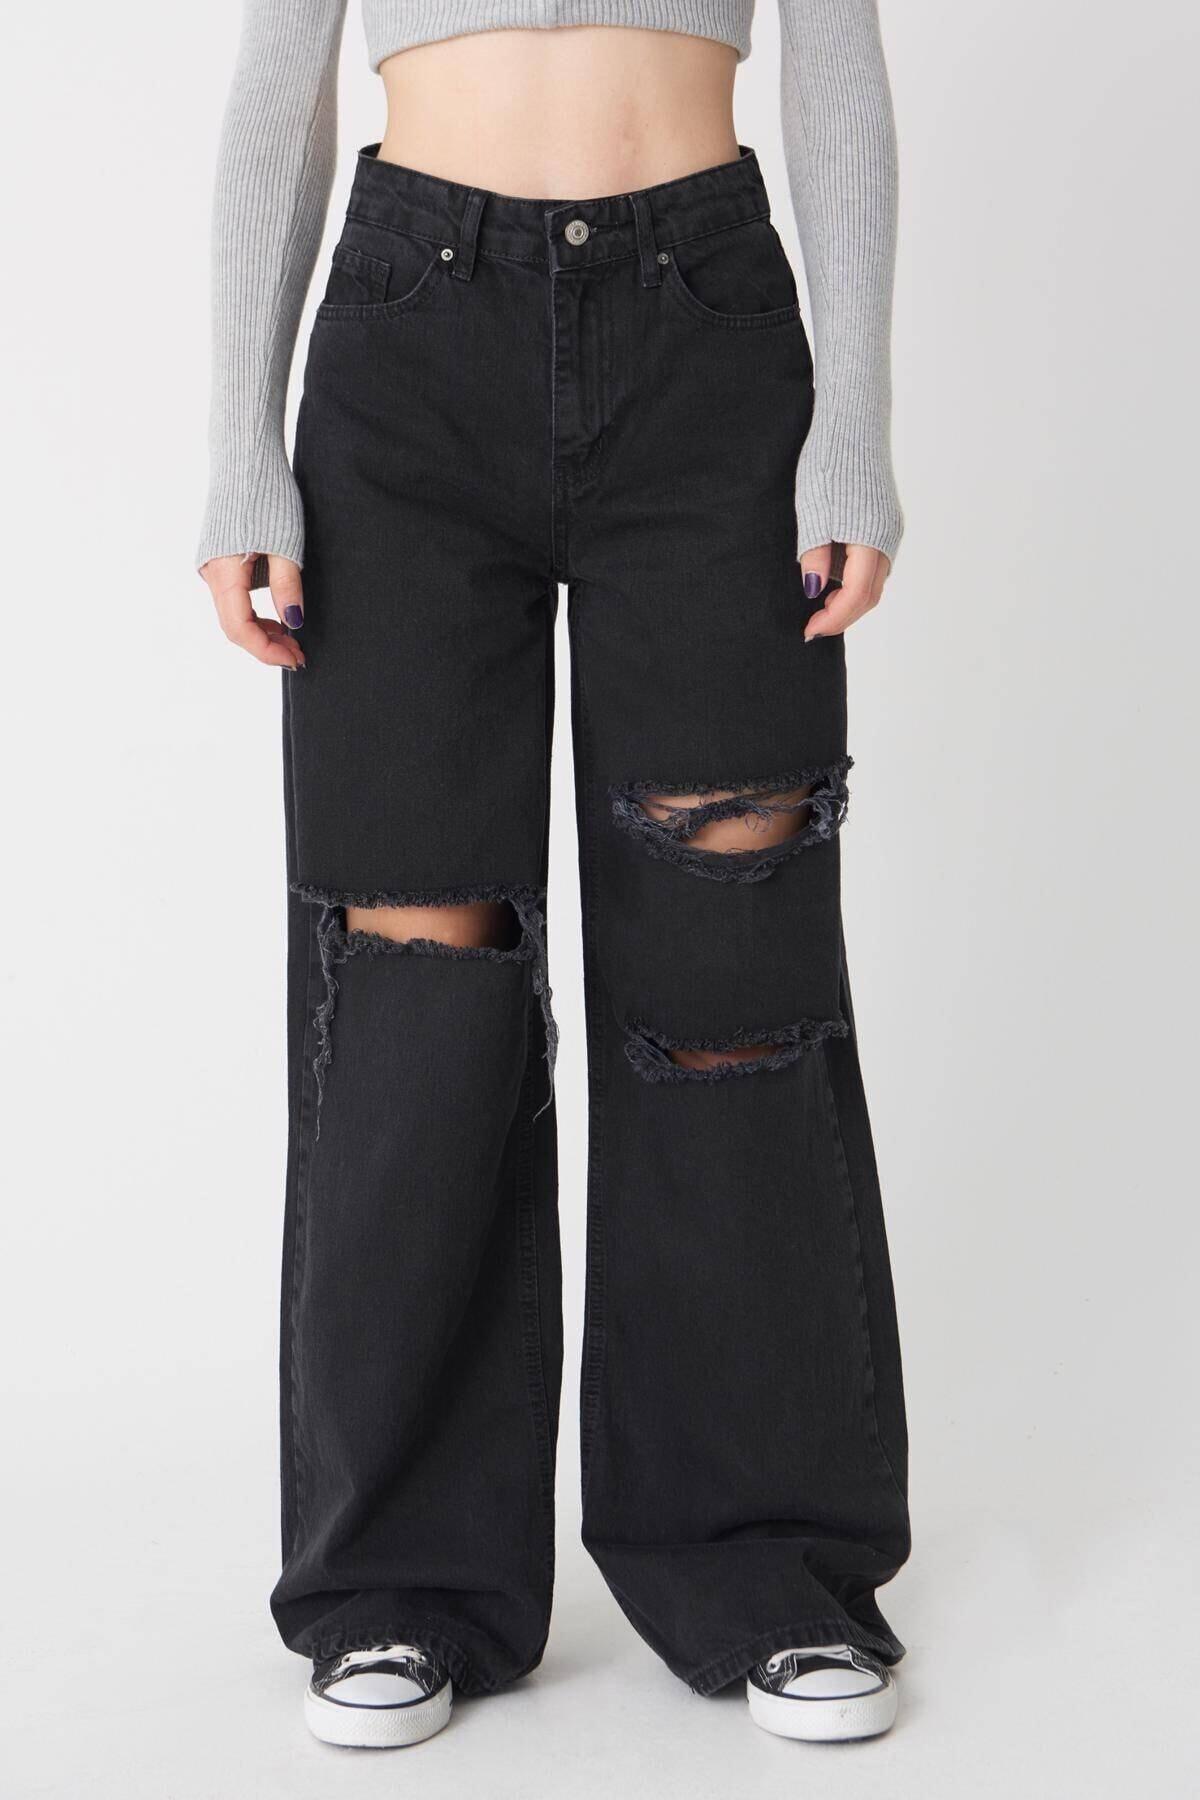 Kadın Giyim Yırtık Detay Bol Paça Jean